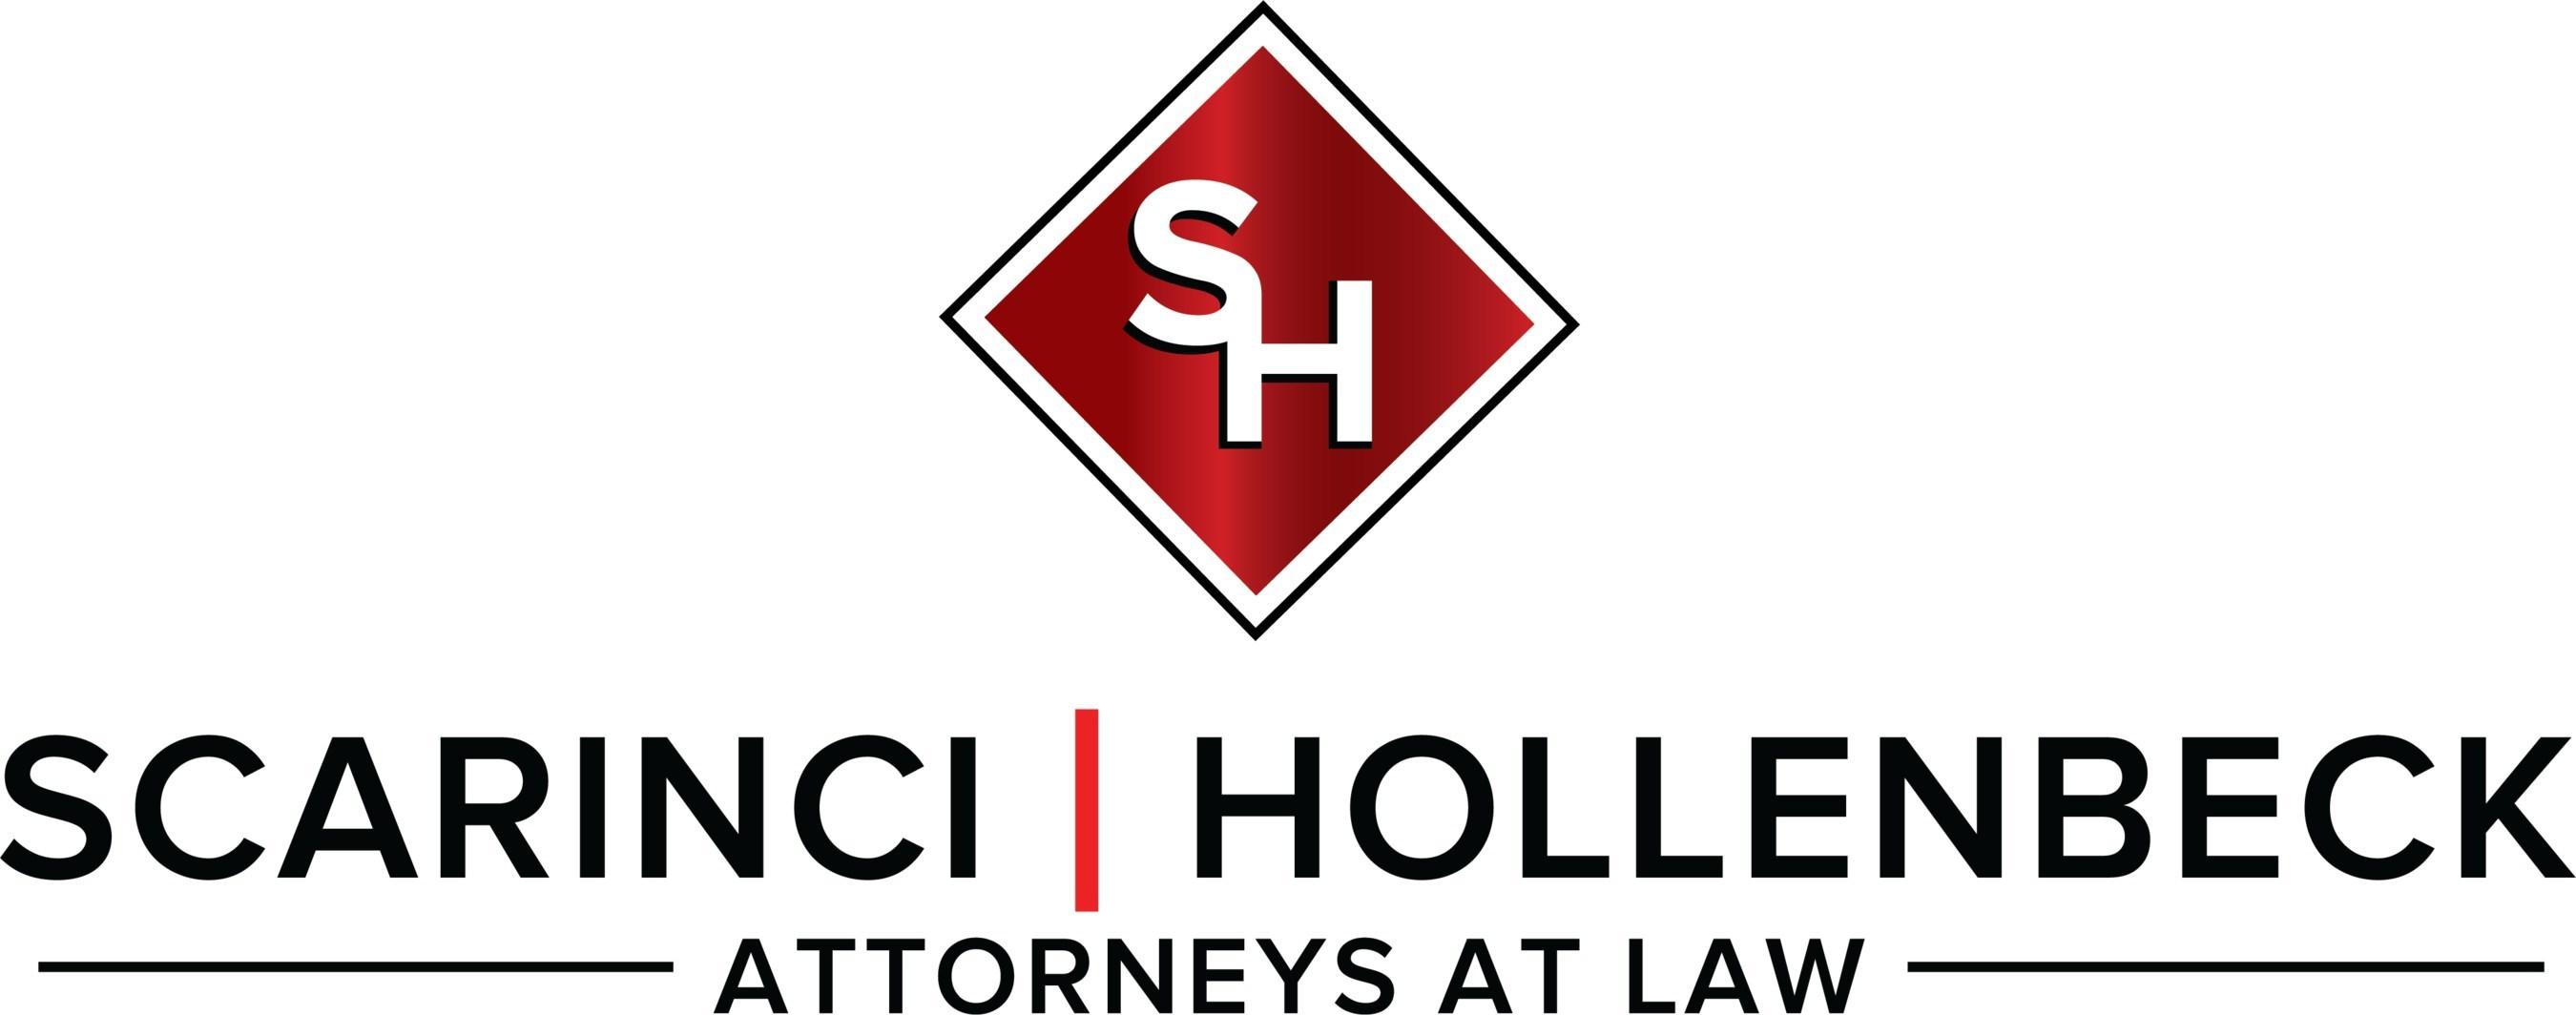 Scarinci Hollenbeck, LLC